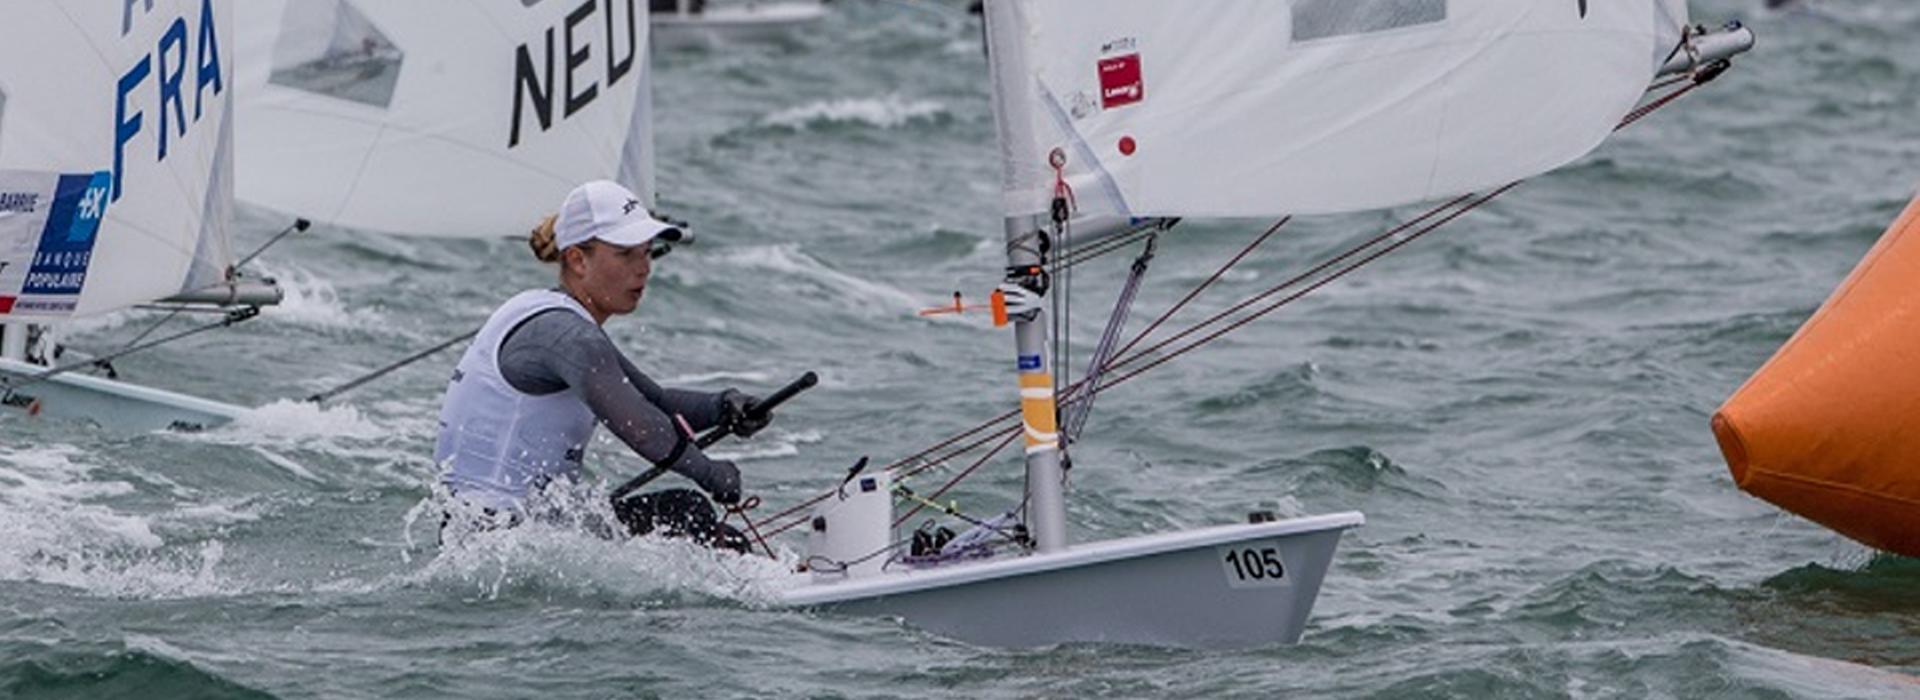 Olimpiai színvonal Németországban